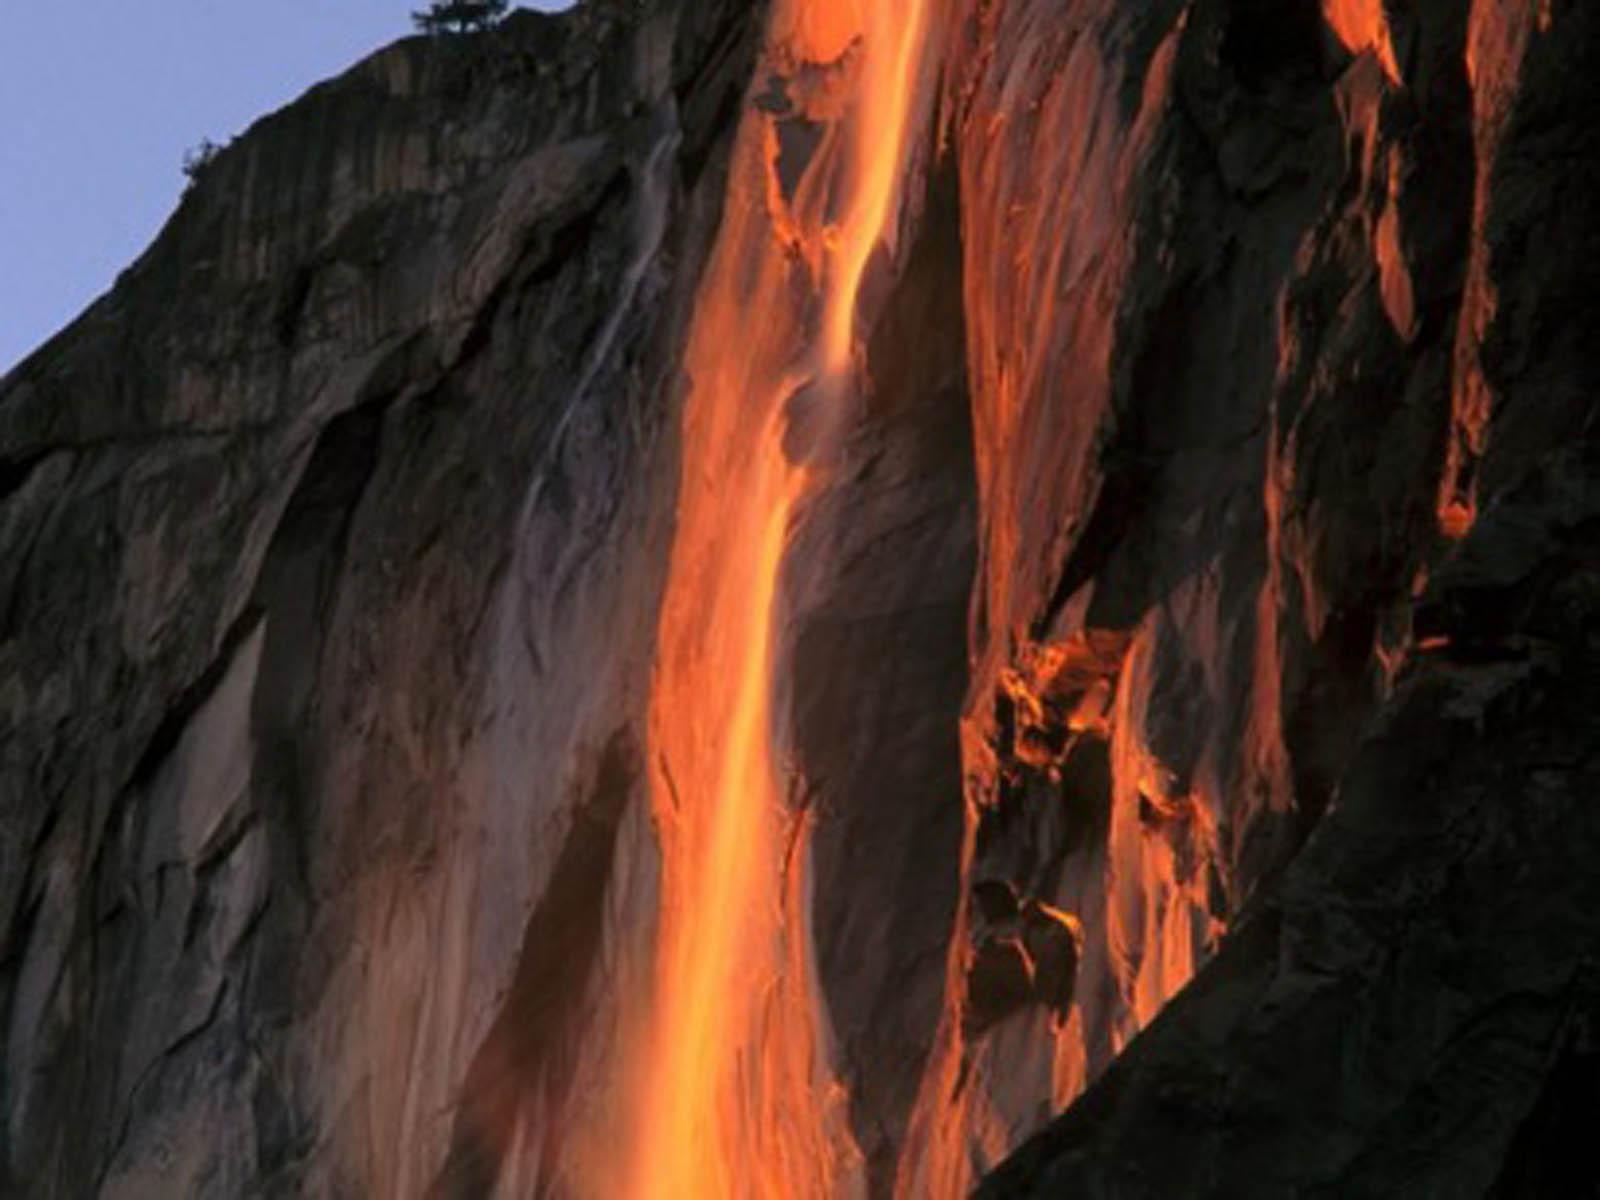 Yosemite Lava Falls Wallpaper Hd Wallpapers Horsetail Falls Yosemite National Park